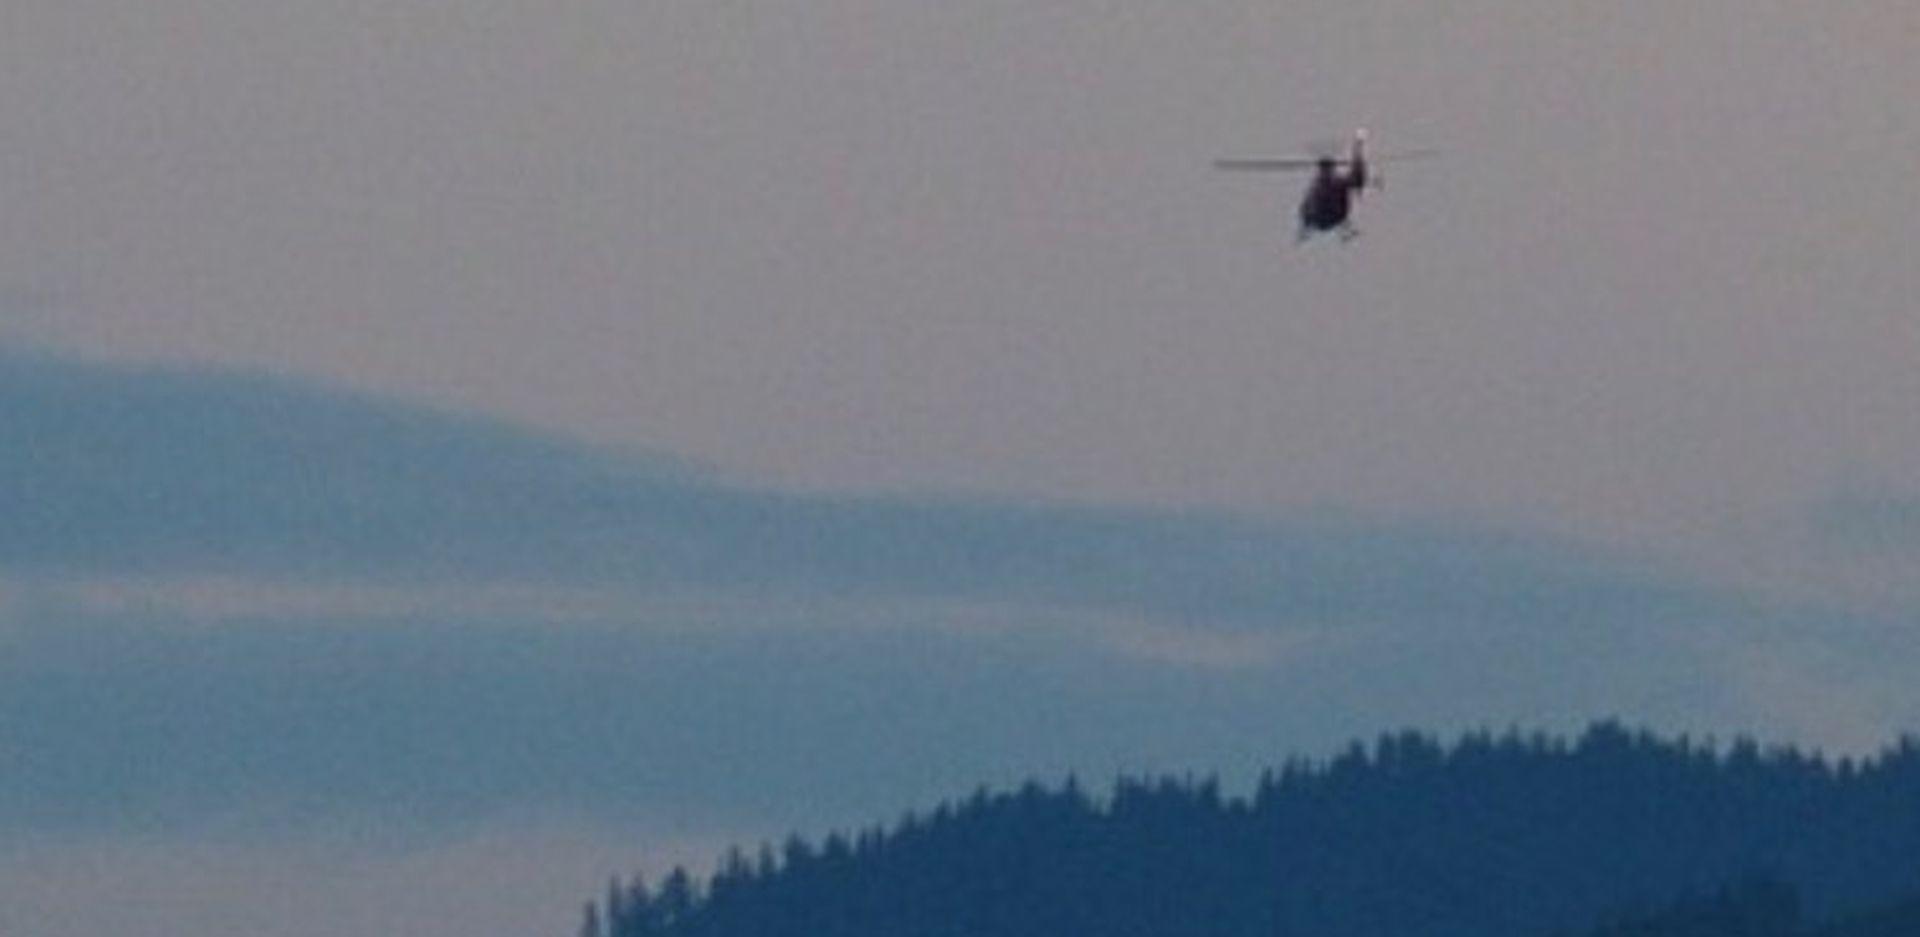 Helikopter i HGSS tragaju za nestalom osobom u Jelsi na otoku Hvaru